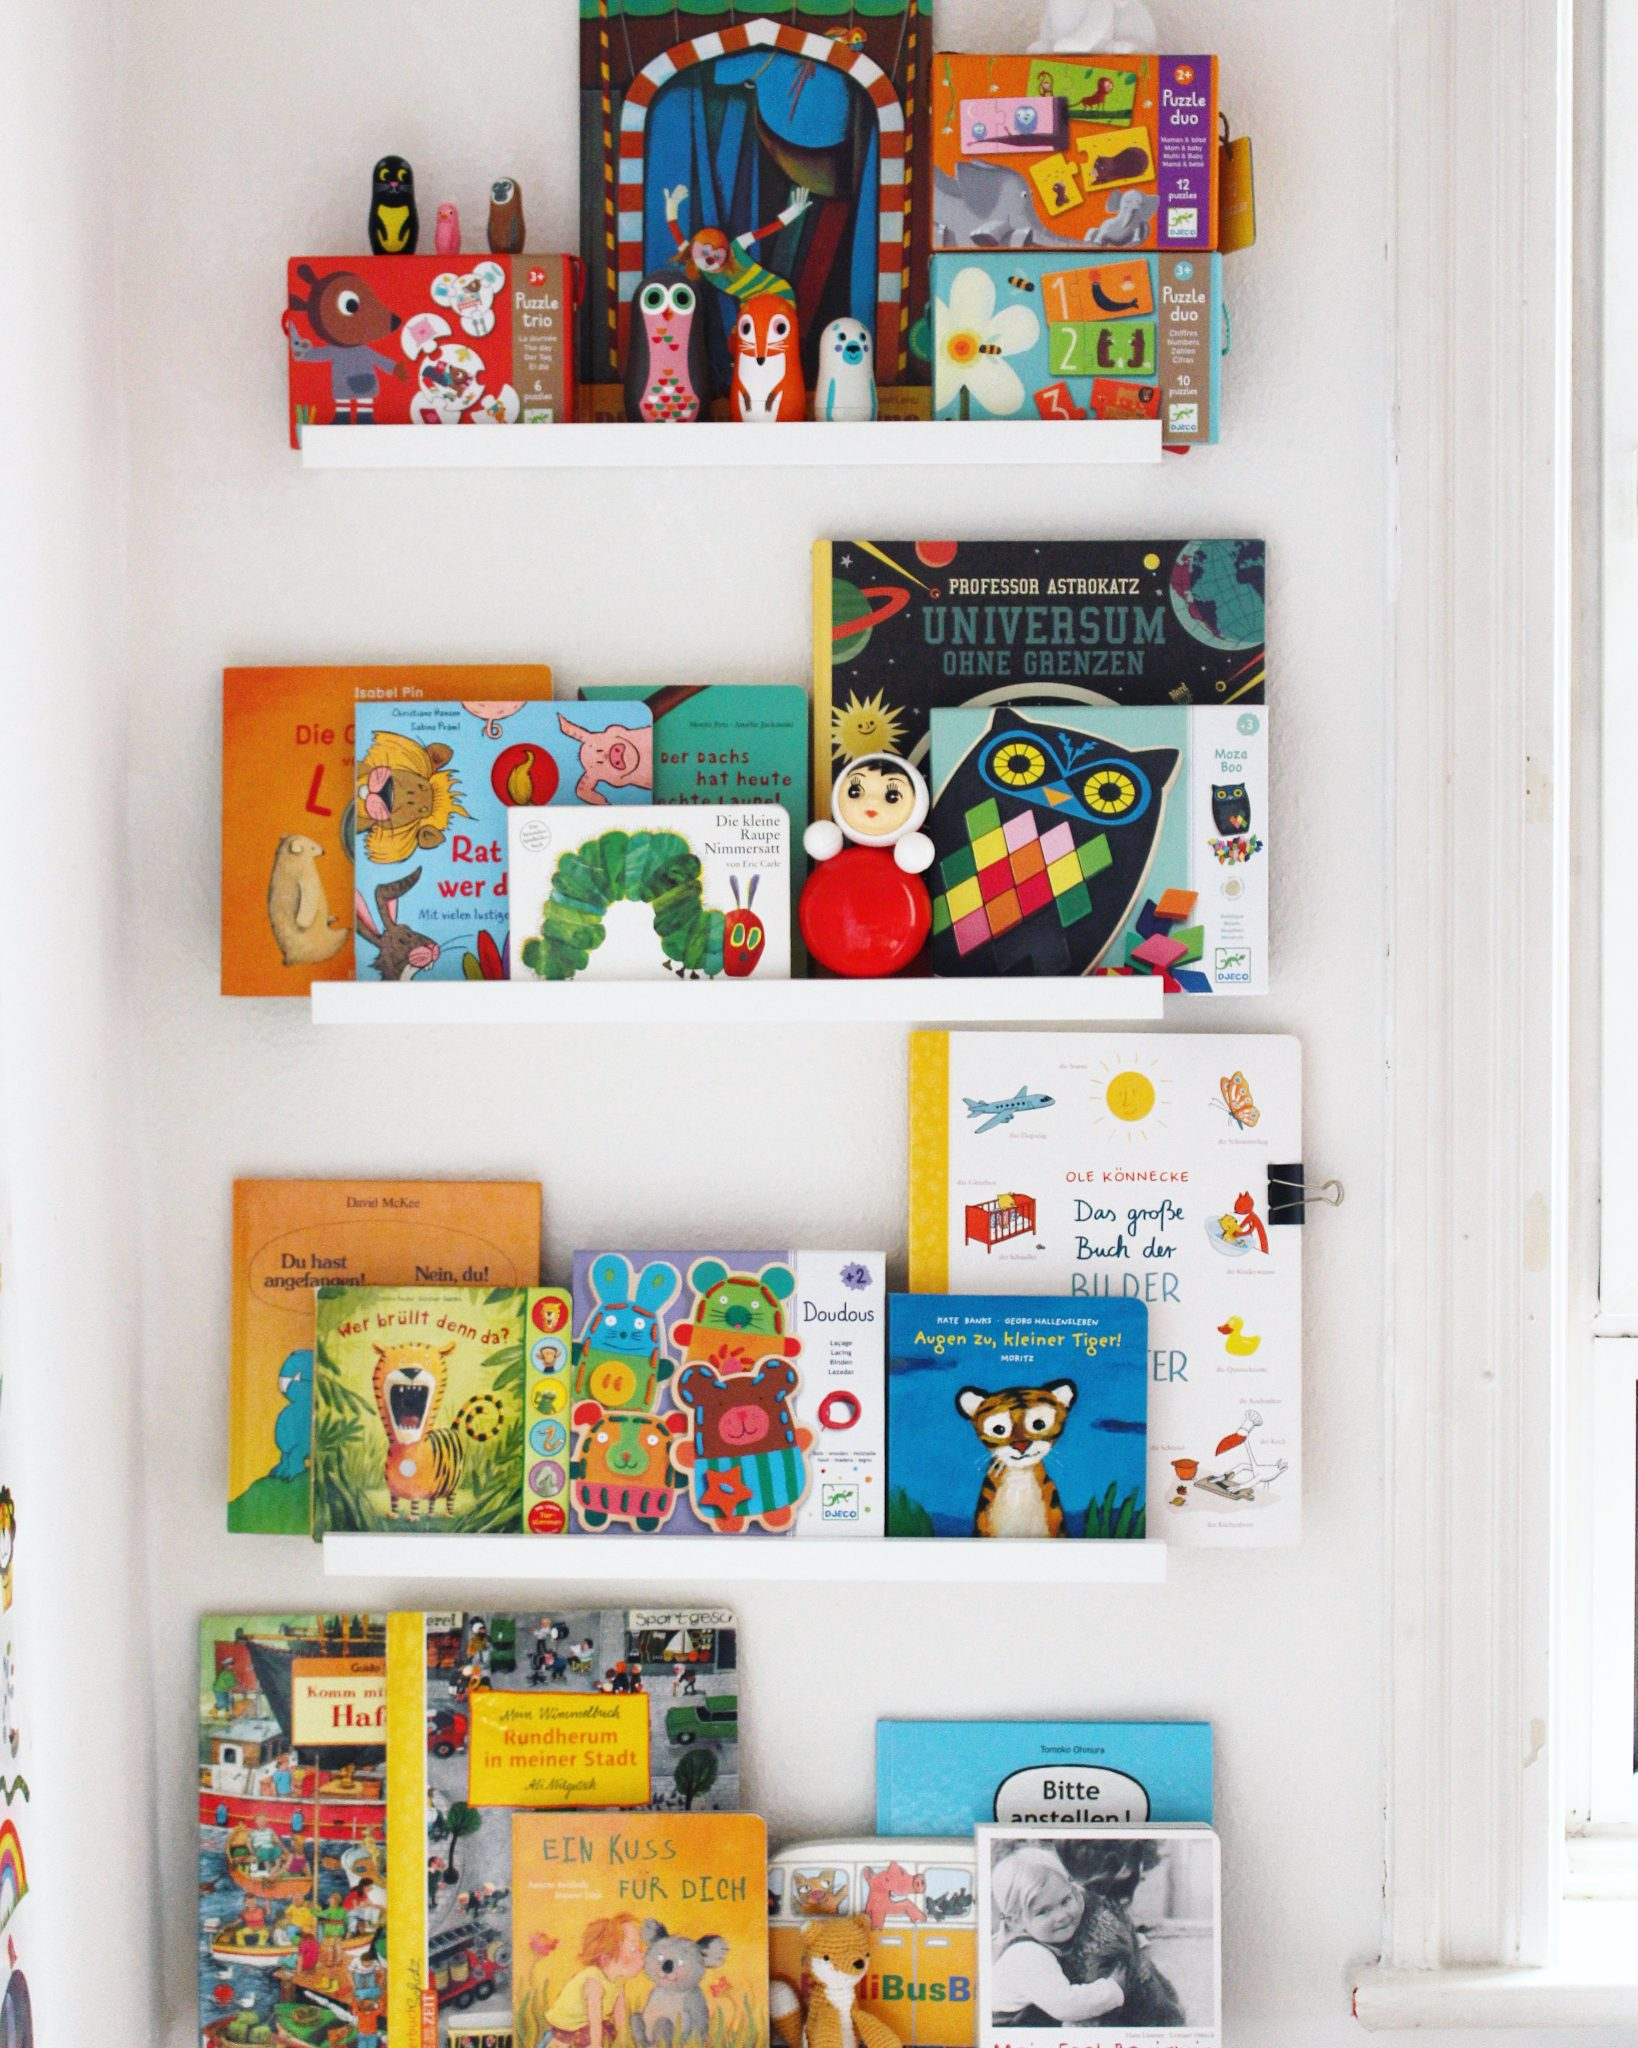 schöne ideen für baby- und kinderzimmer dekoration plus giveaway